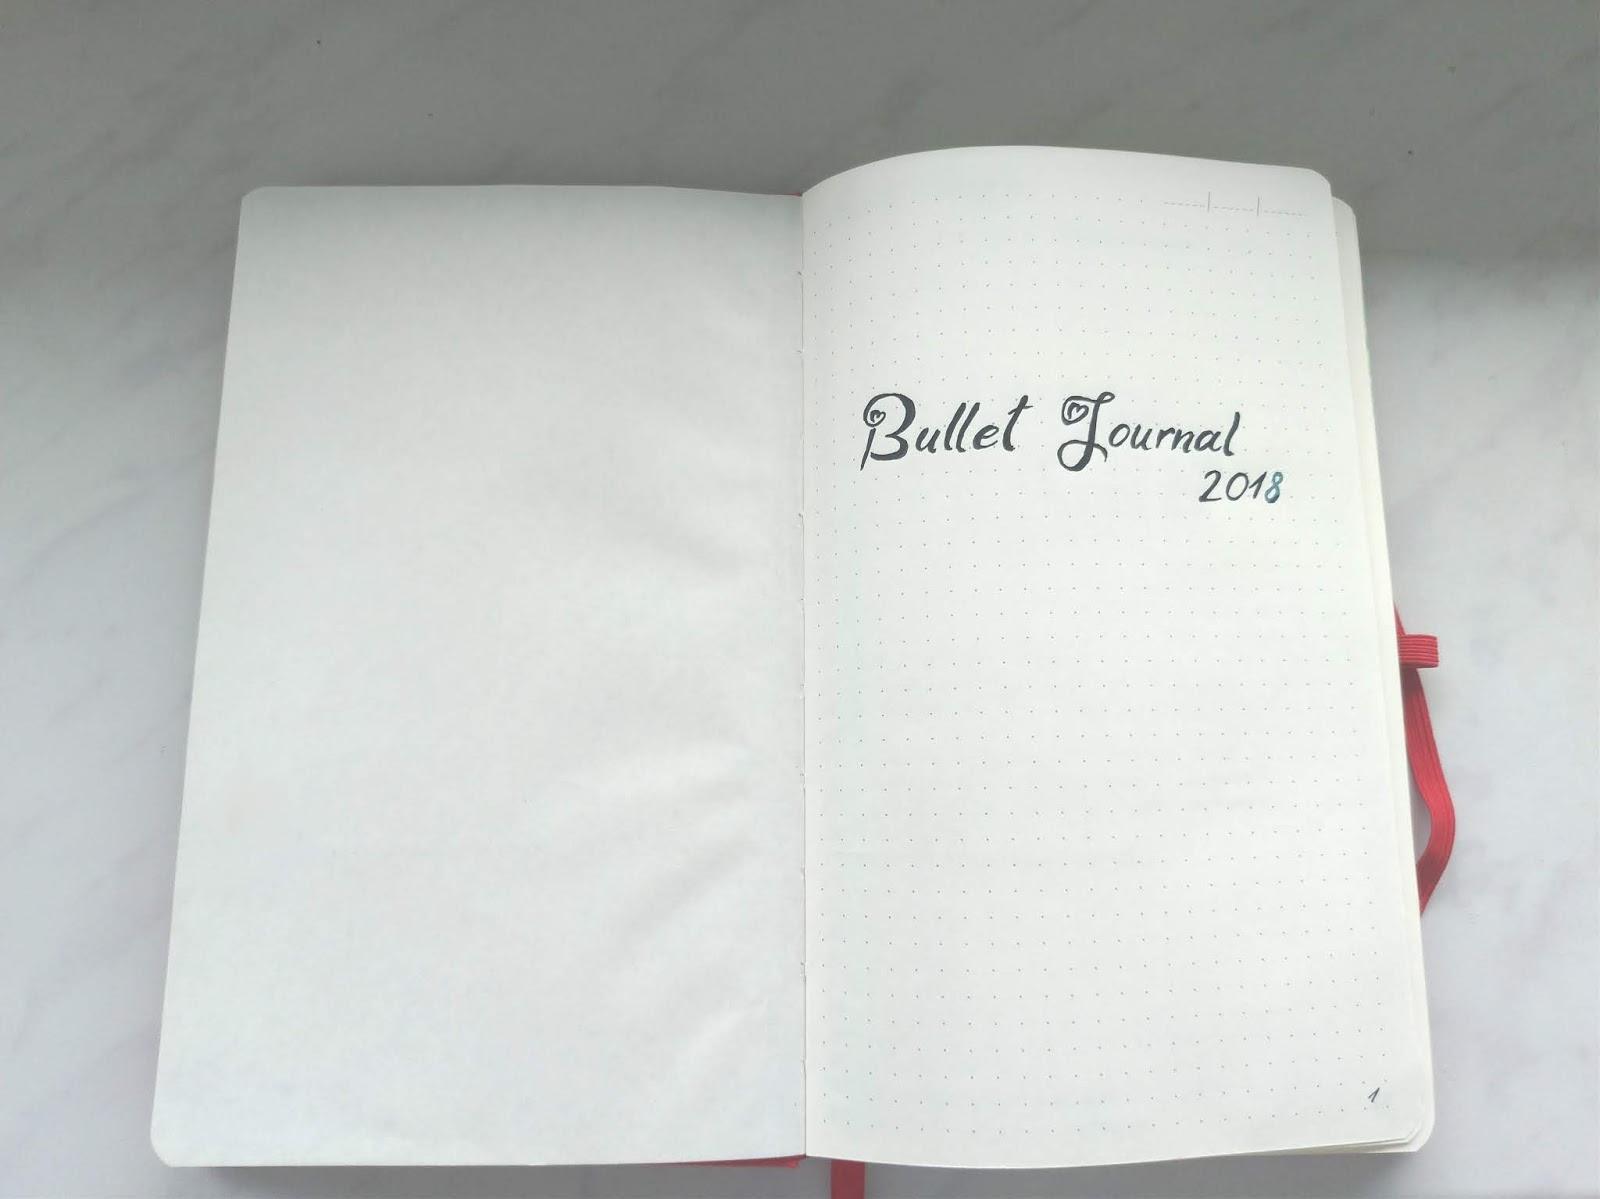 Bullet Journal - karta tytułowa